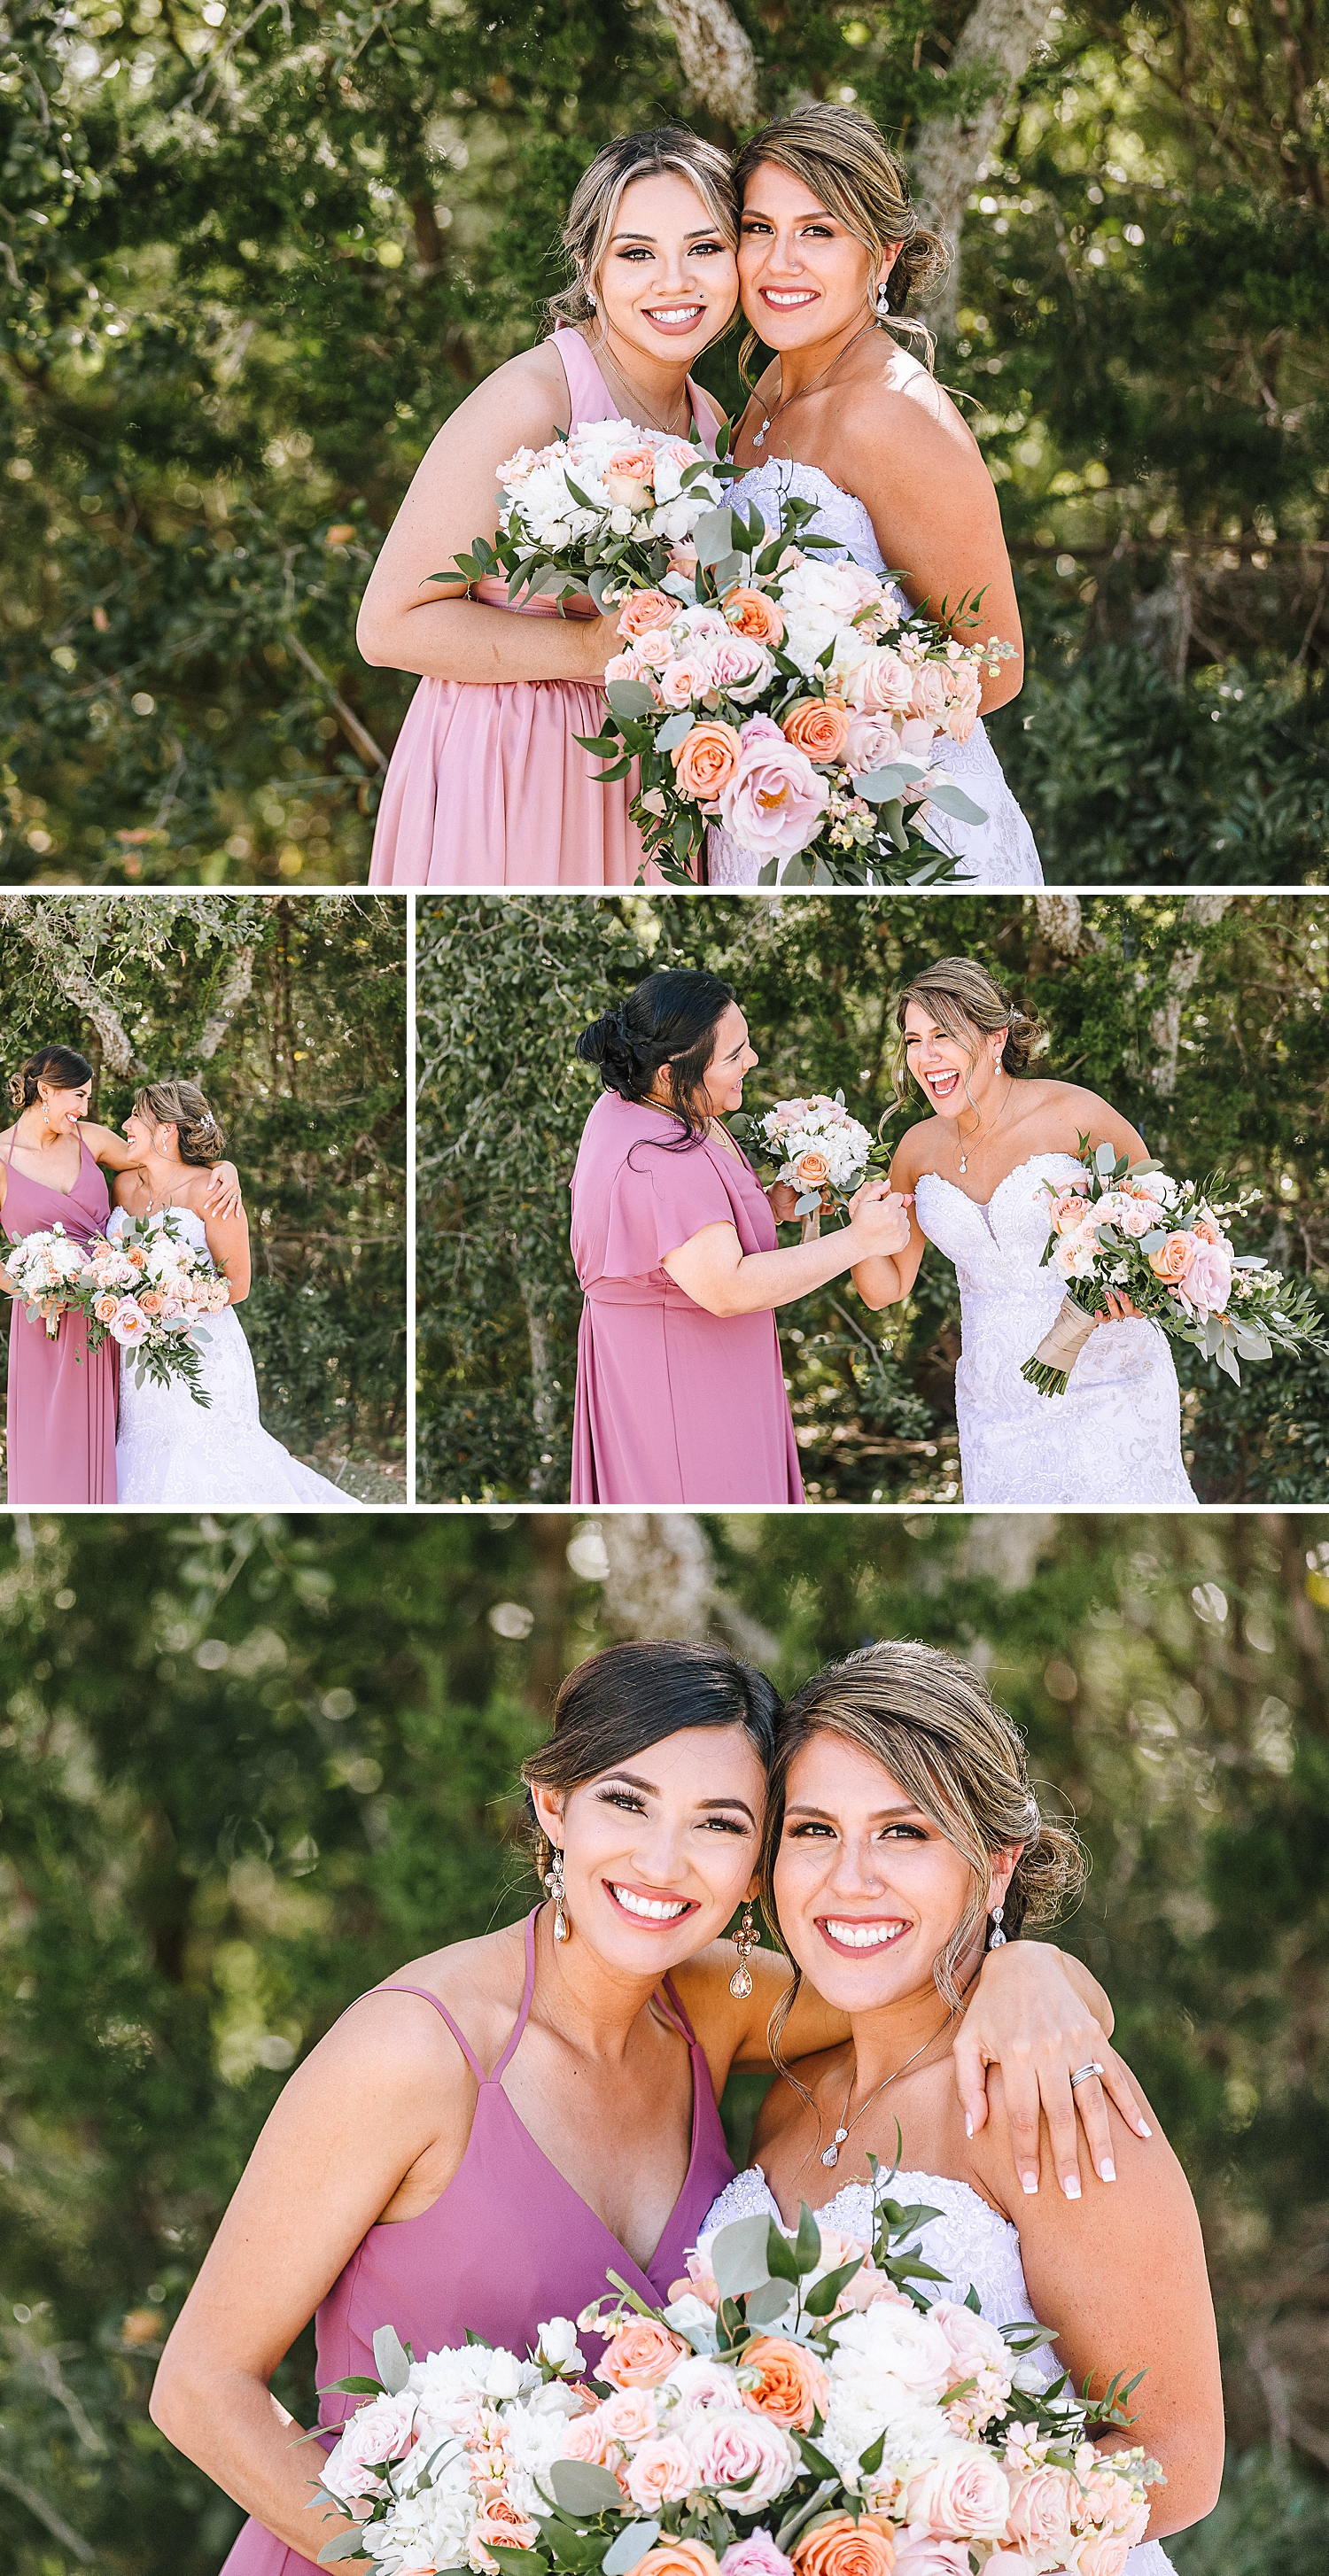 Carly-Barton-Photography-The-Villa-at-Cielo-Vista-Blush-Gold-White-Wedding-Photos_0126.jpg